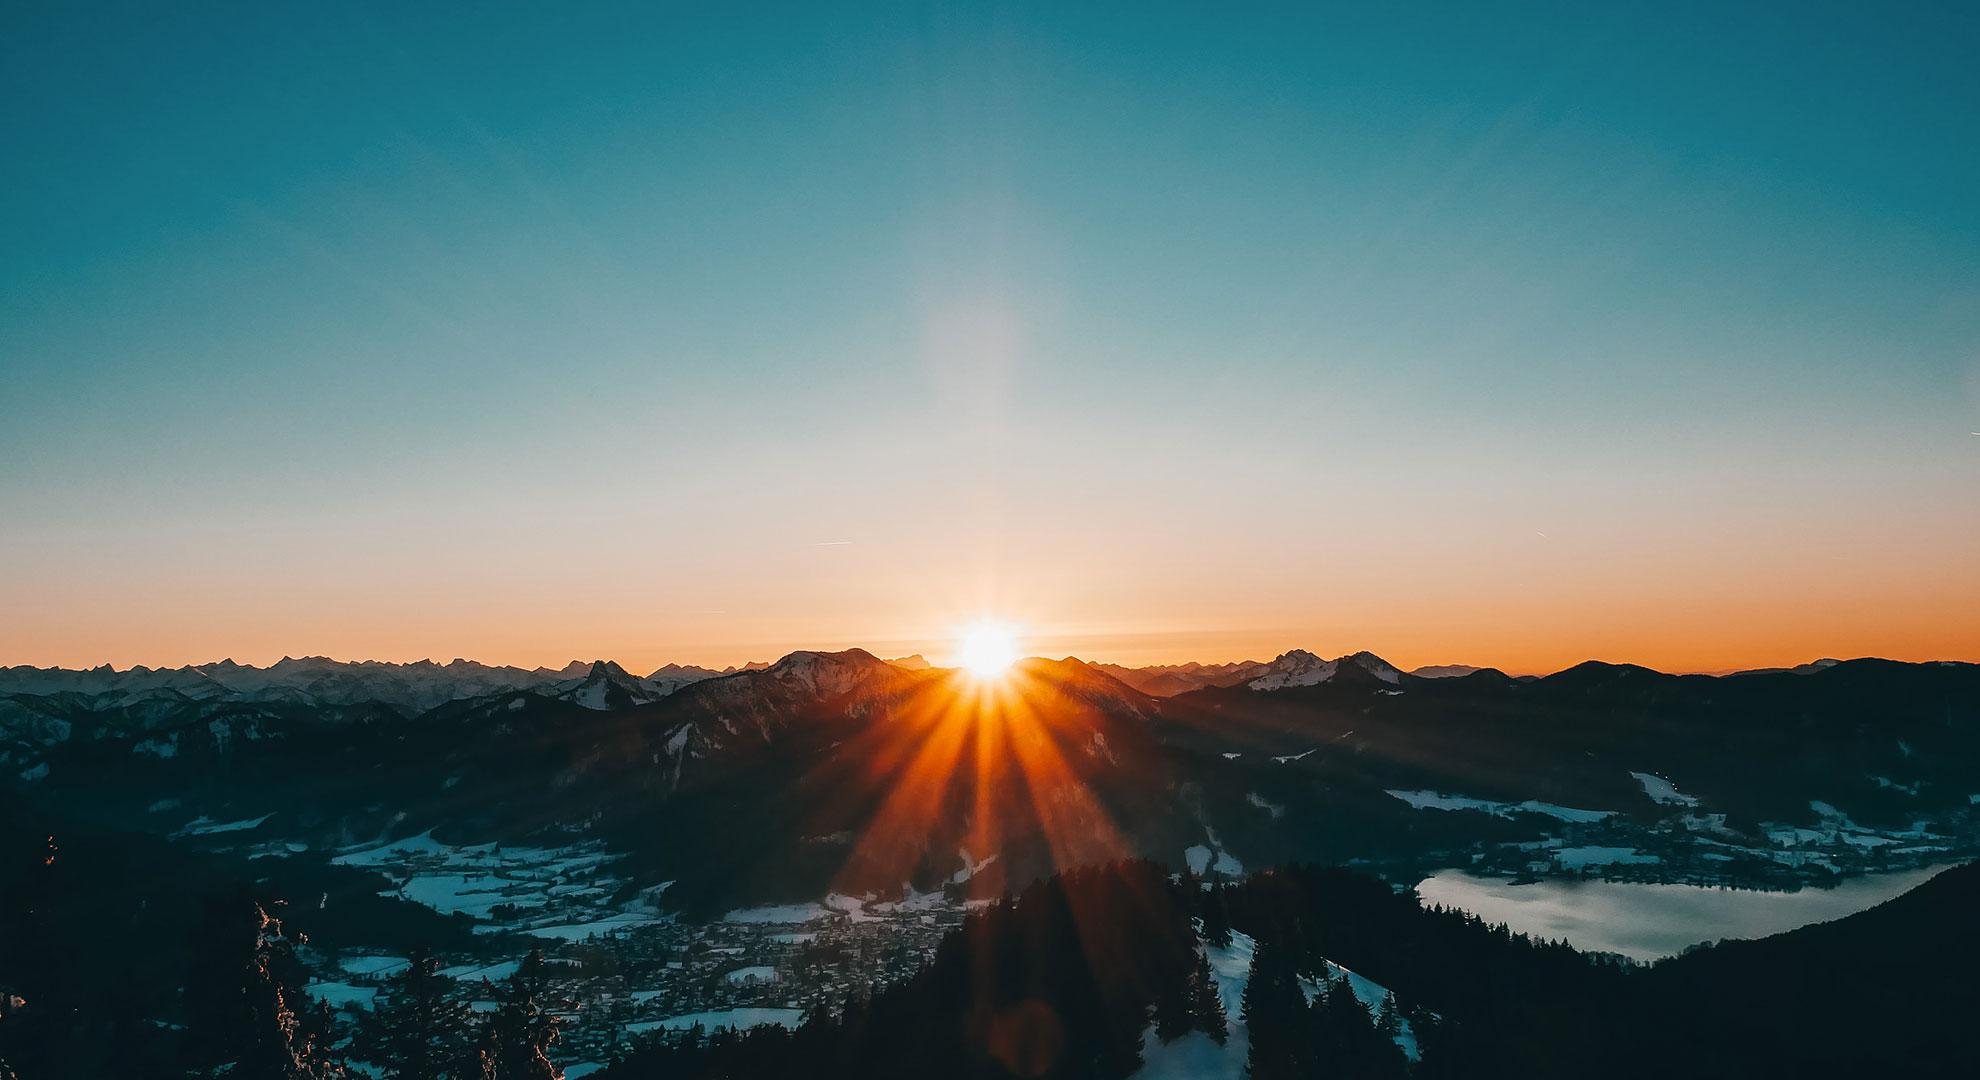 Lever de soleil sur chaînes de montagne - header intelligence collective kodama